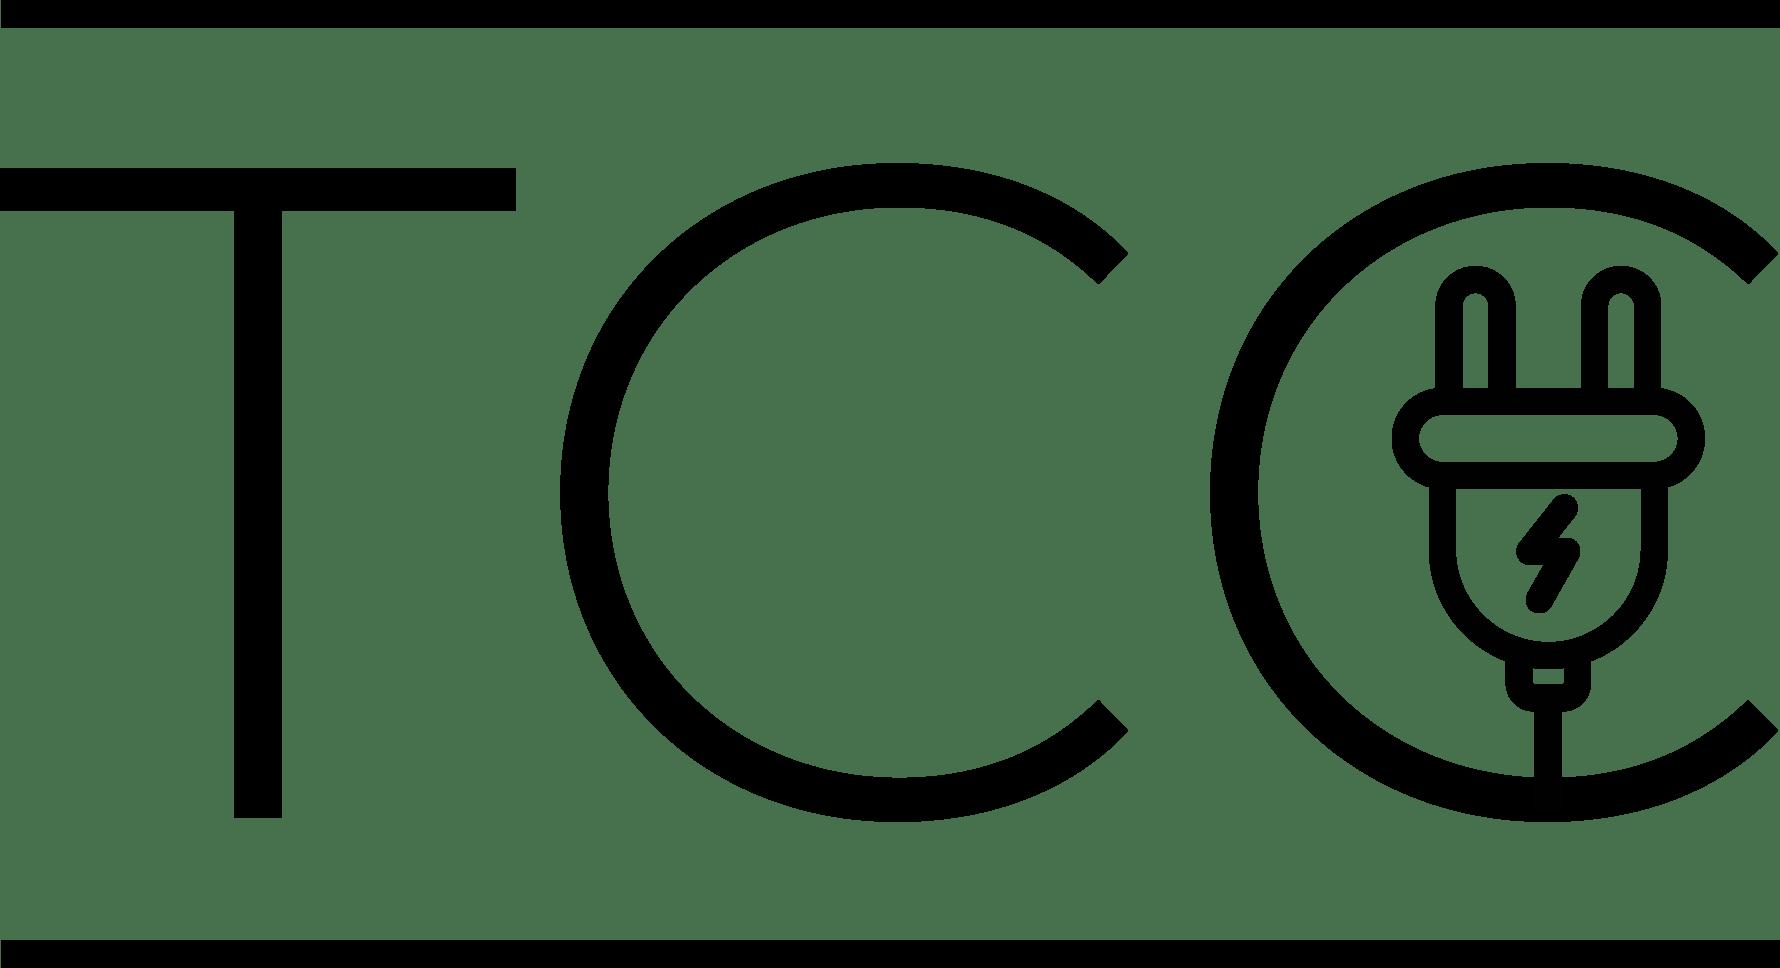 A1TCC